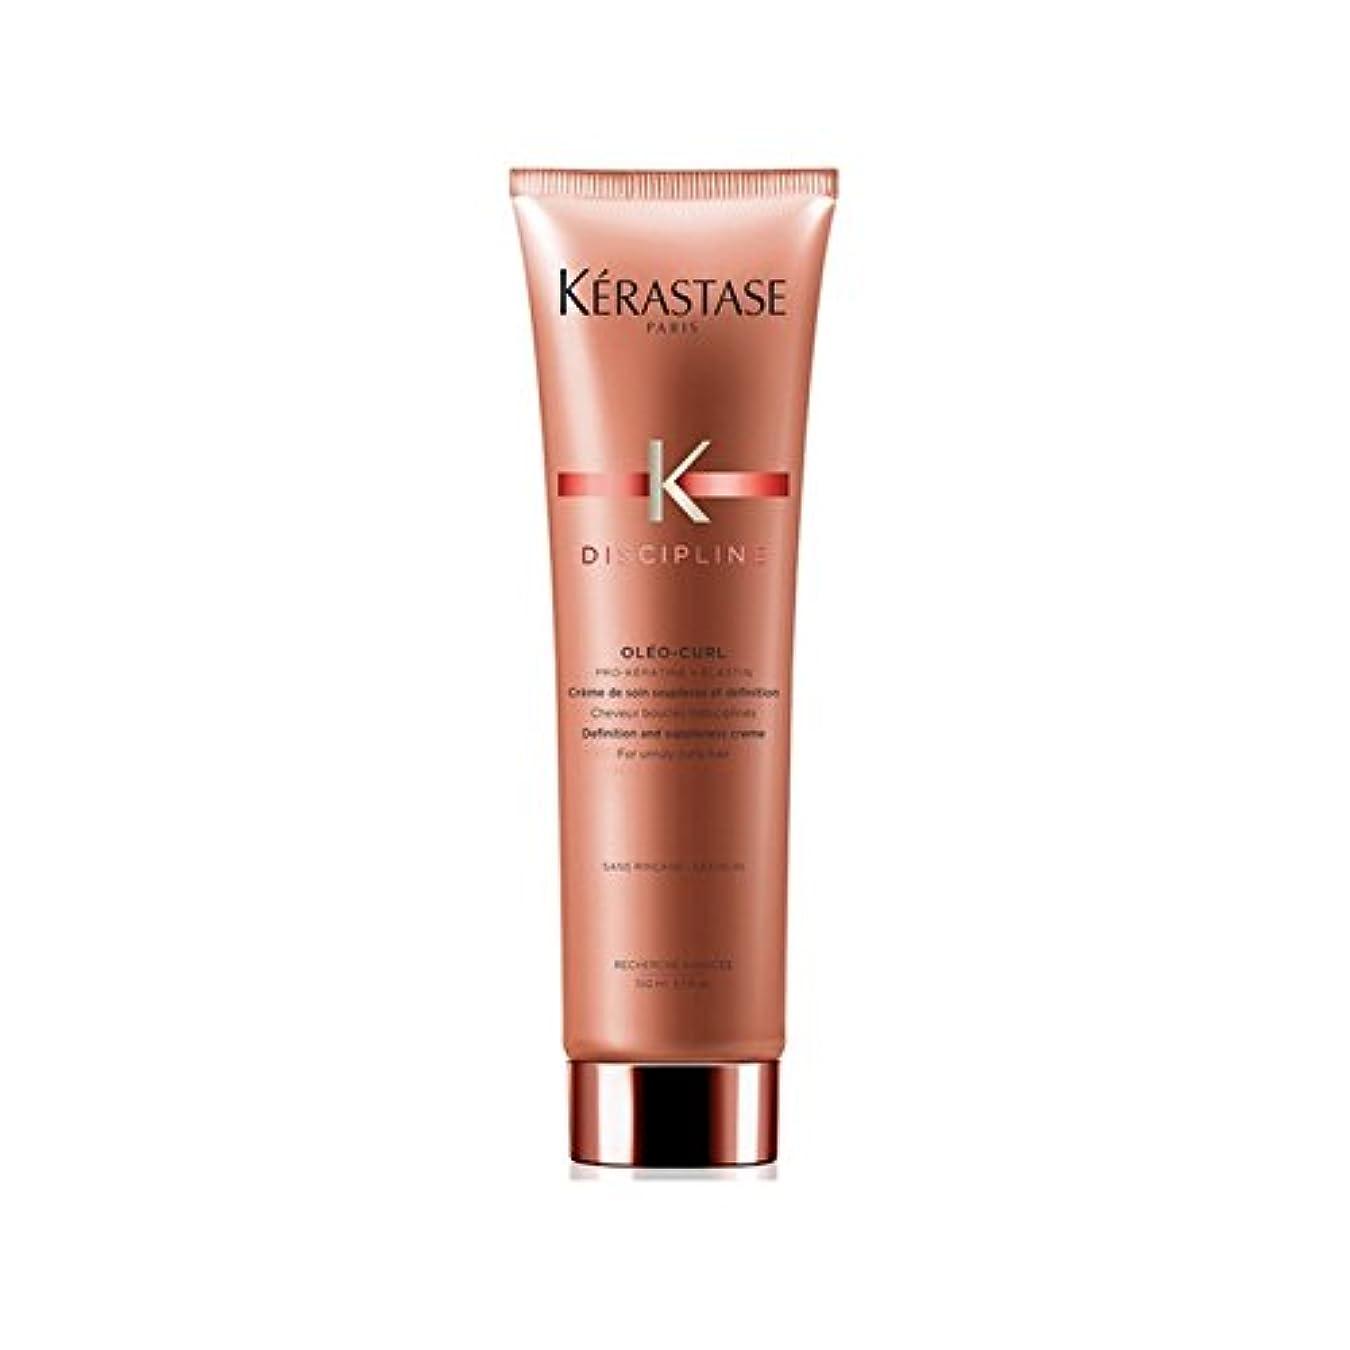 どうやら提案さわやか理想的なクレンジングコンディショナー400ミリリットルカールケラスターゼの規律 x4 - K?rastase Discipline Curl Ideal Cleansing Conditioner 400ml (Pack...